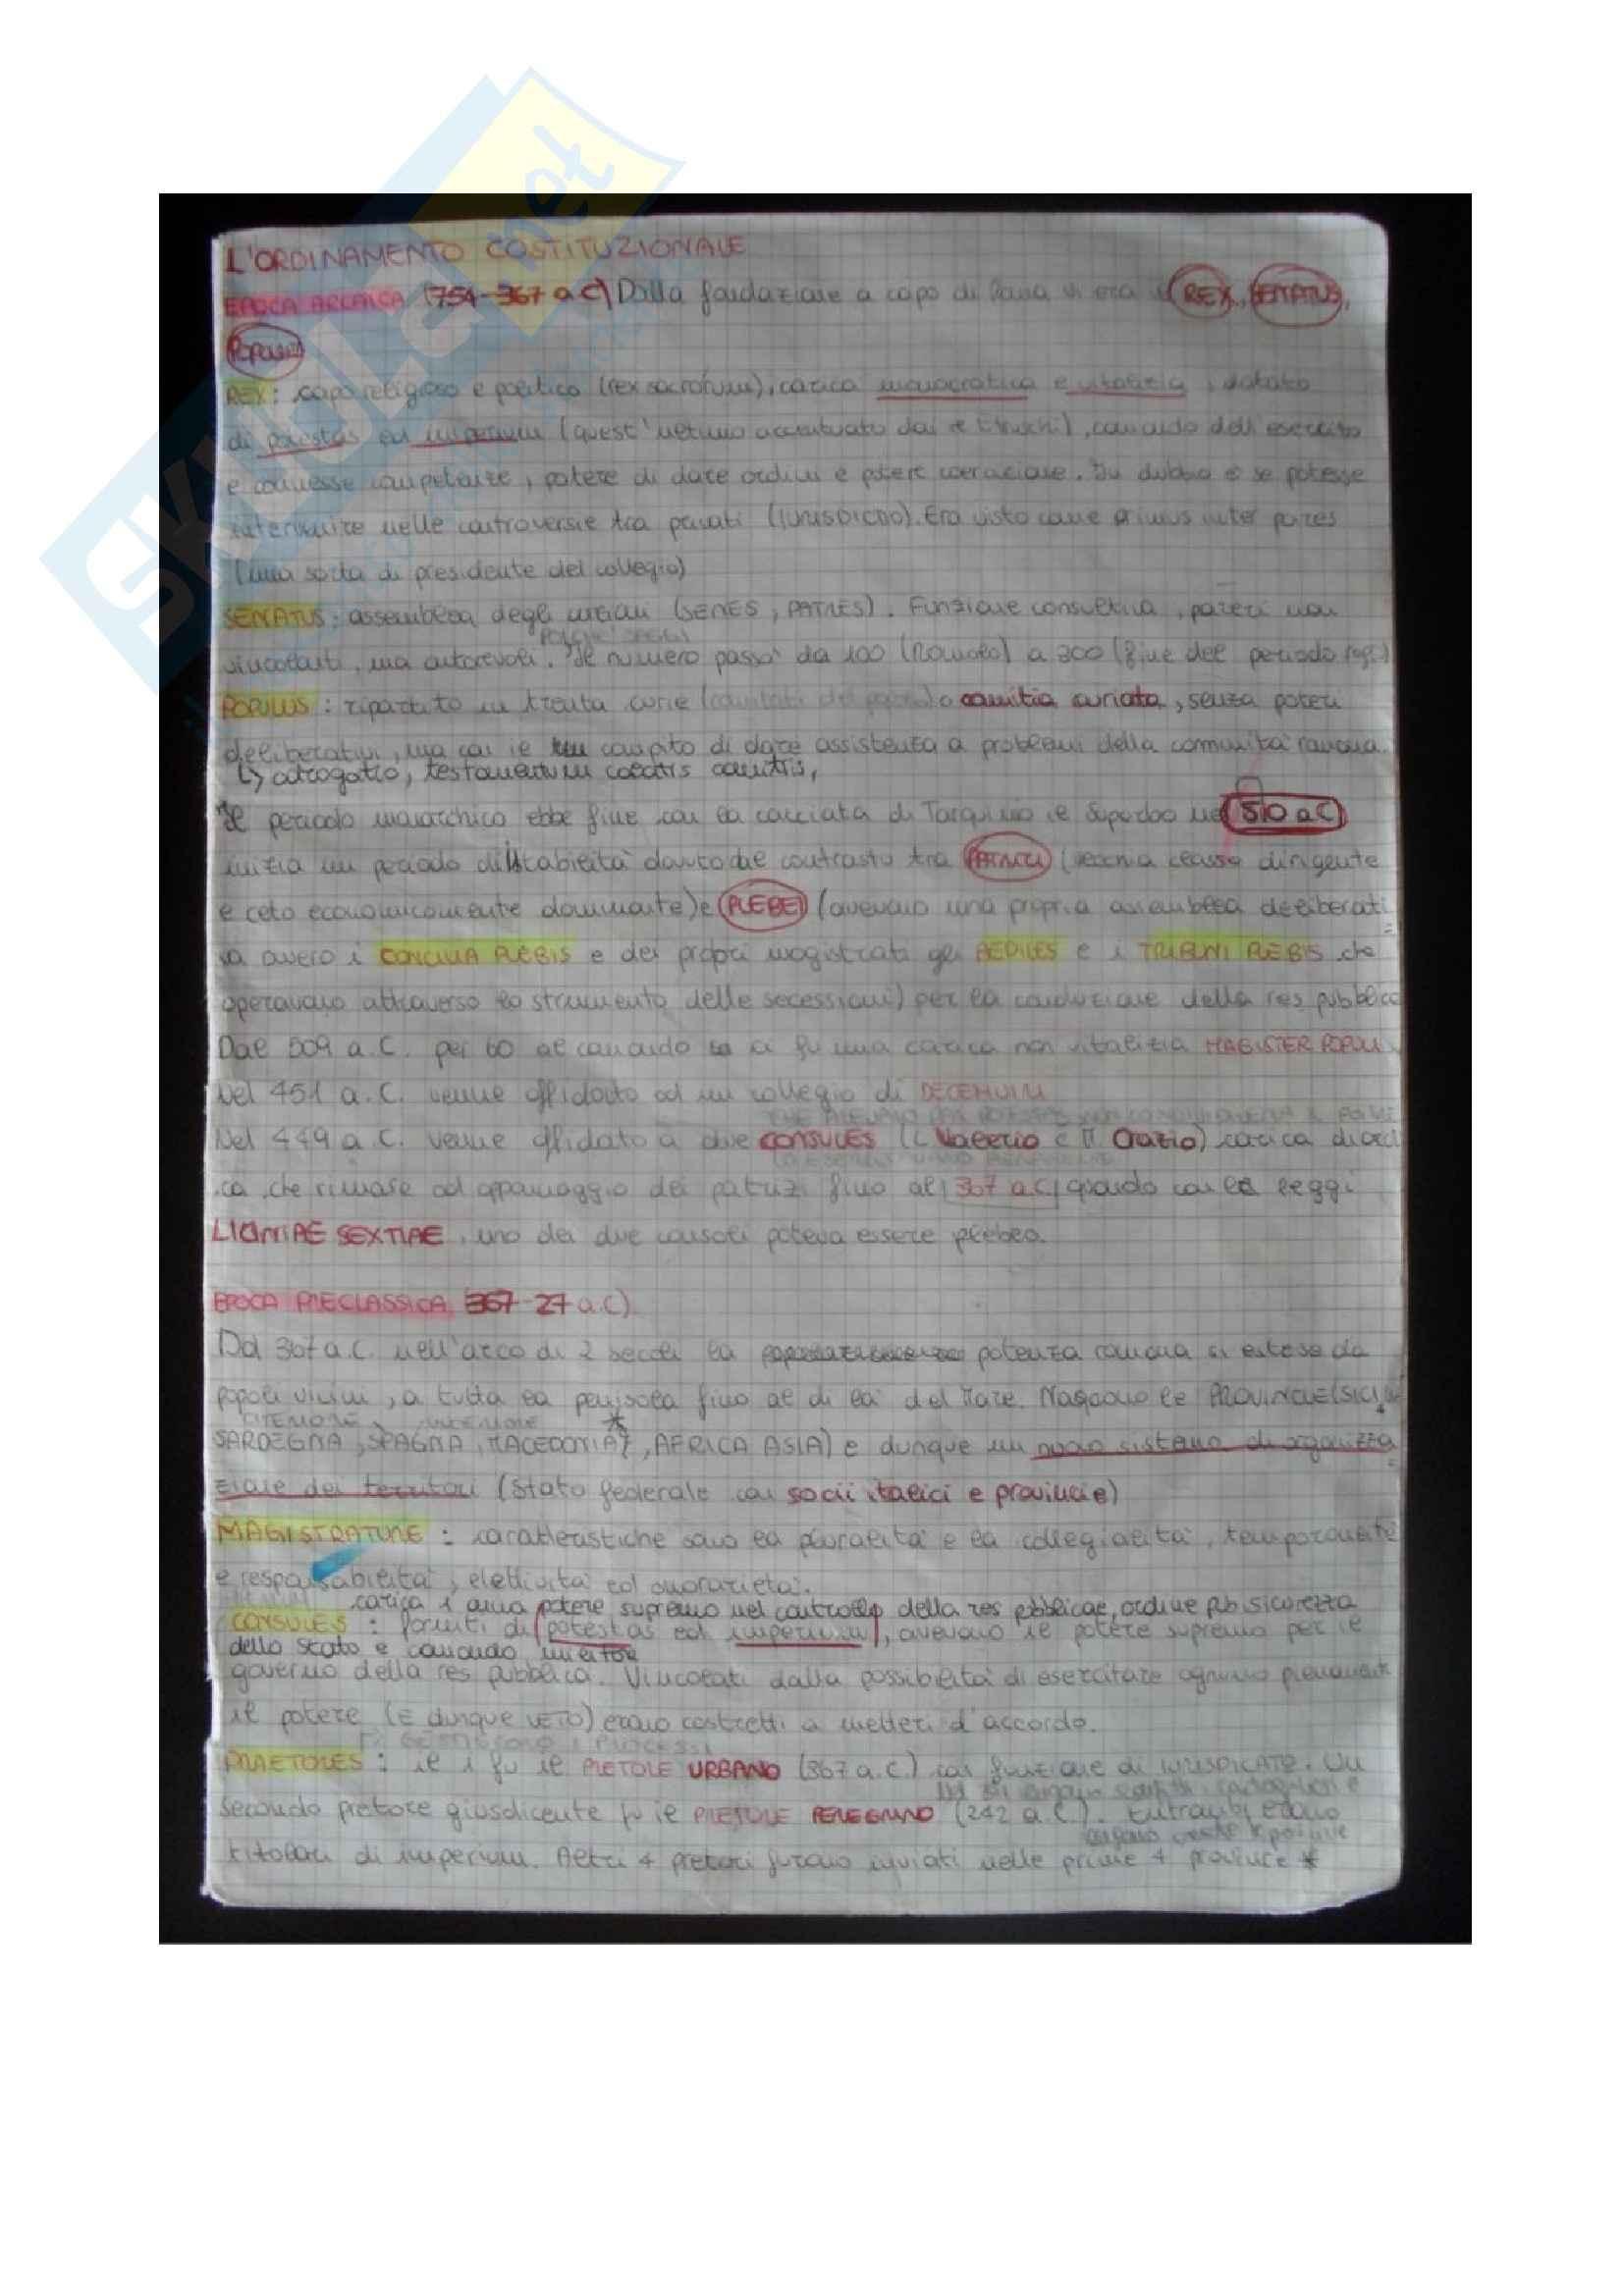 Diritto romano - l'ordinamento costituzionale